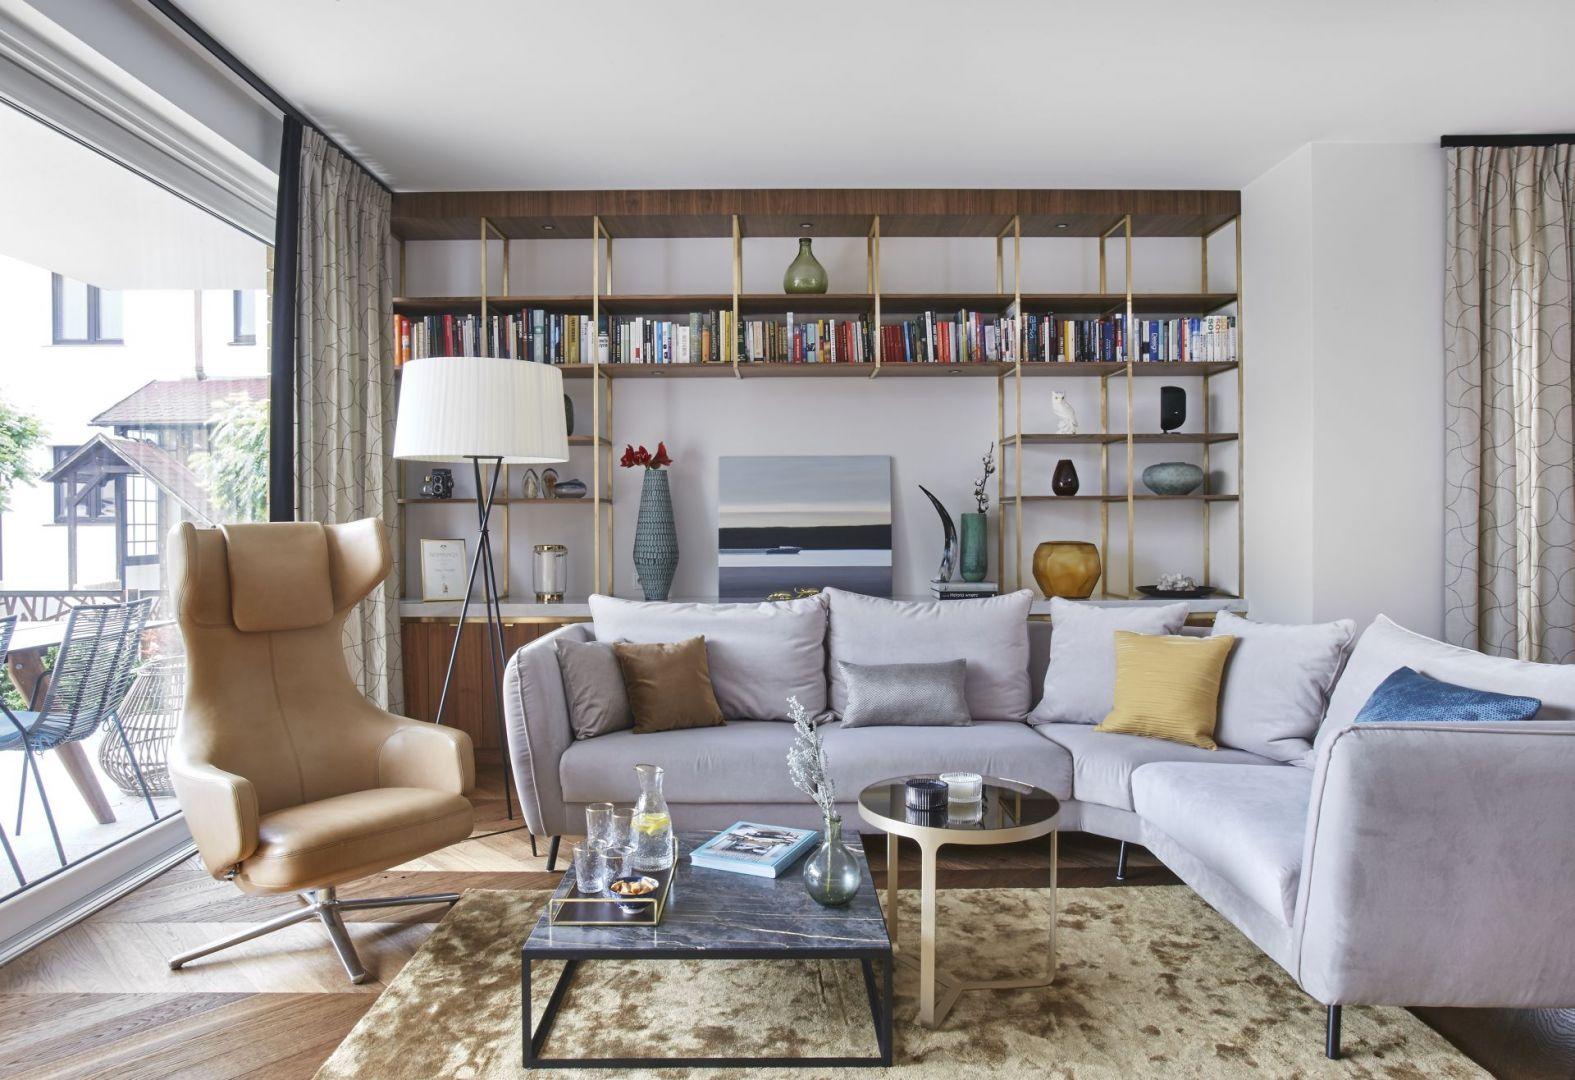 Rodzinny dom w Trójmieście to piękne i stylowe wnętrze i inspirowane art deco. Projekt: Joanna Kiryłowicz. Fot. Celestyna Król